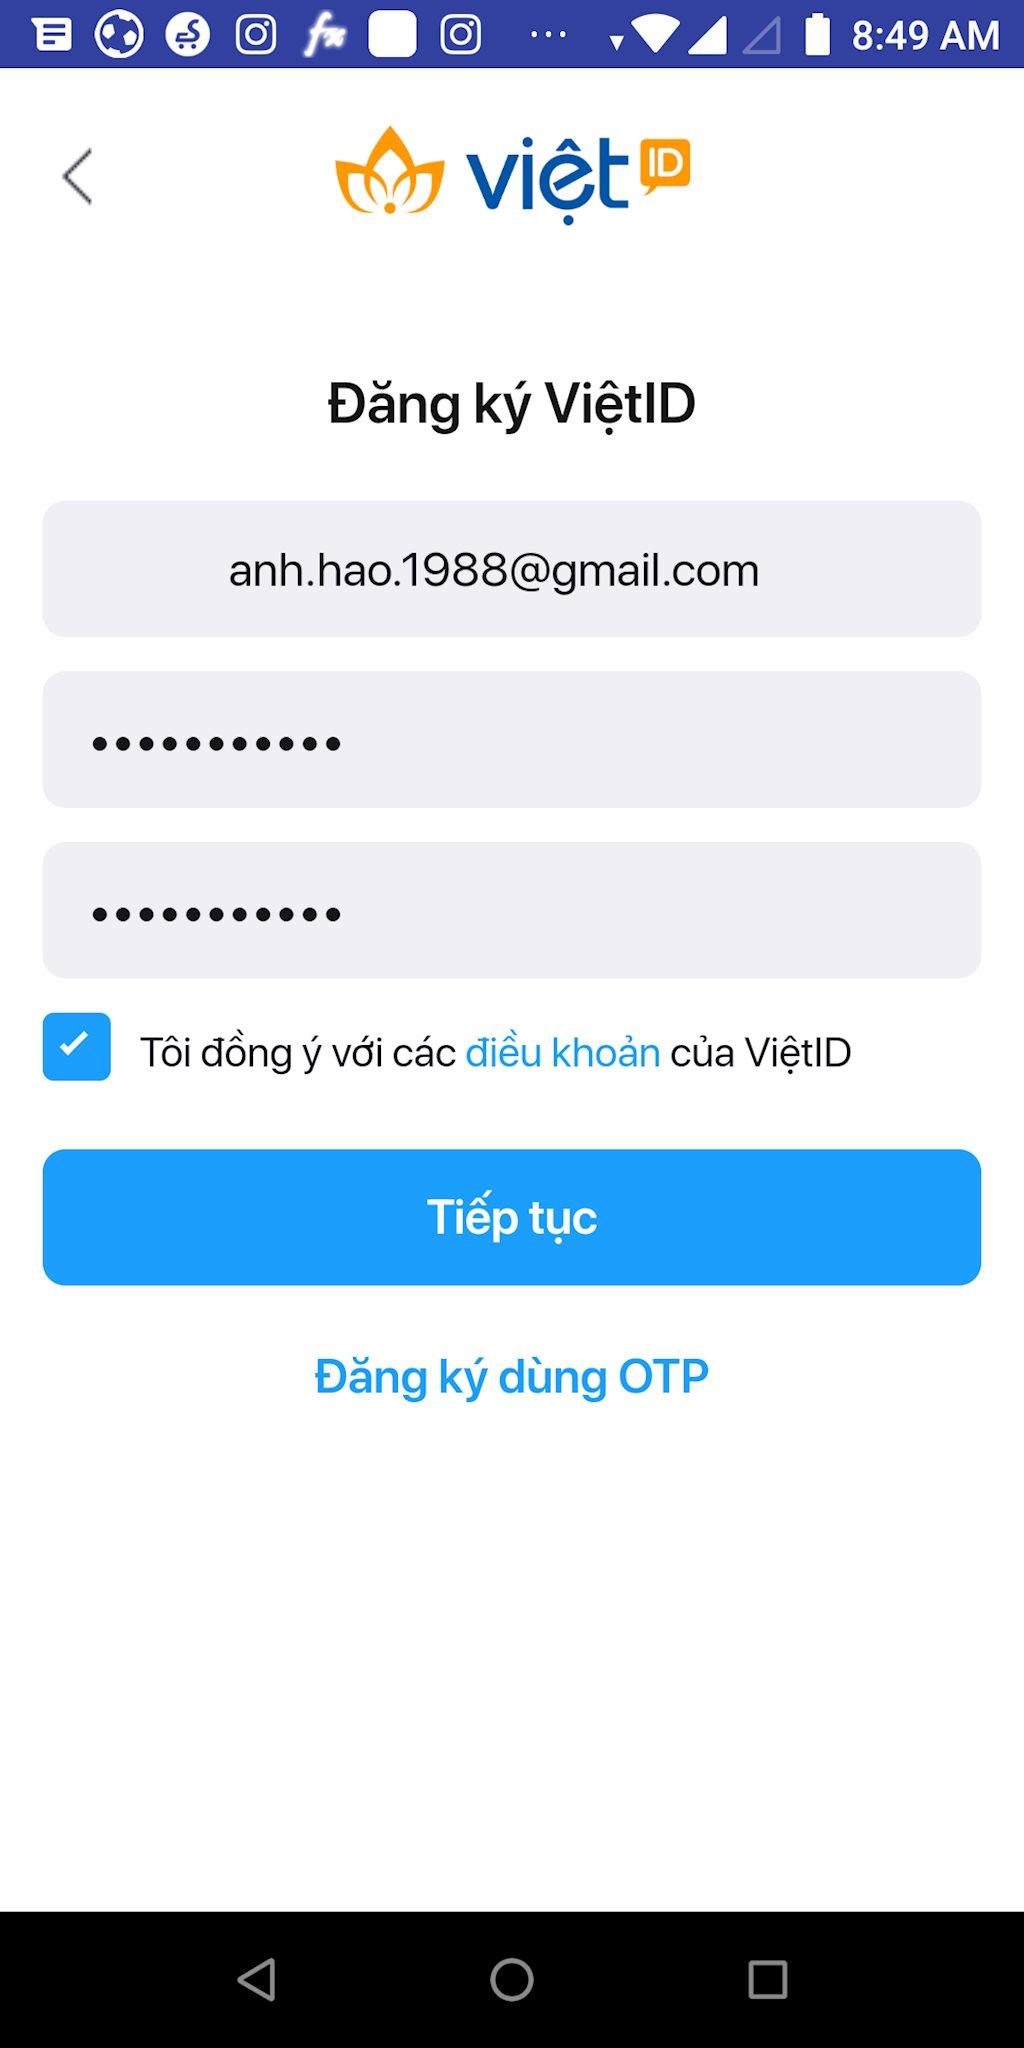 b3-huong-dan-su-dung-mang-xa-hoi-lotus-cach-dang-ky-lotus-cach-tai-mang-xa-hoi-lotus-screenshot_20190917-084931.png